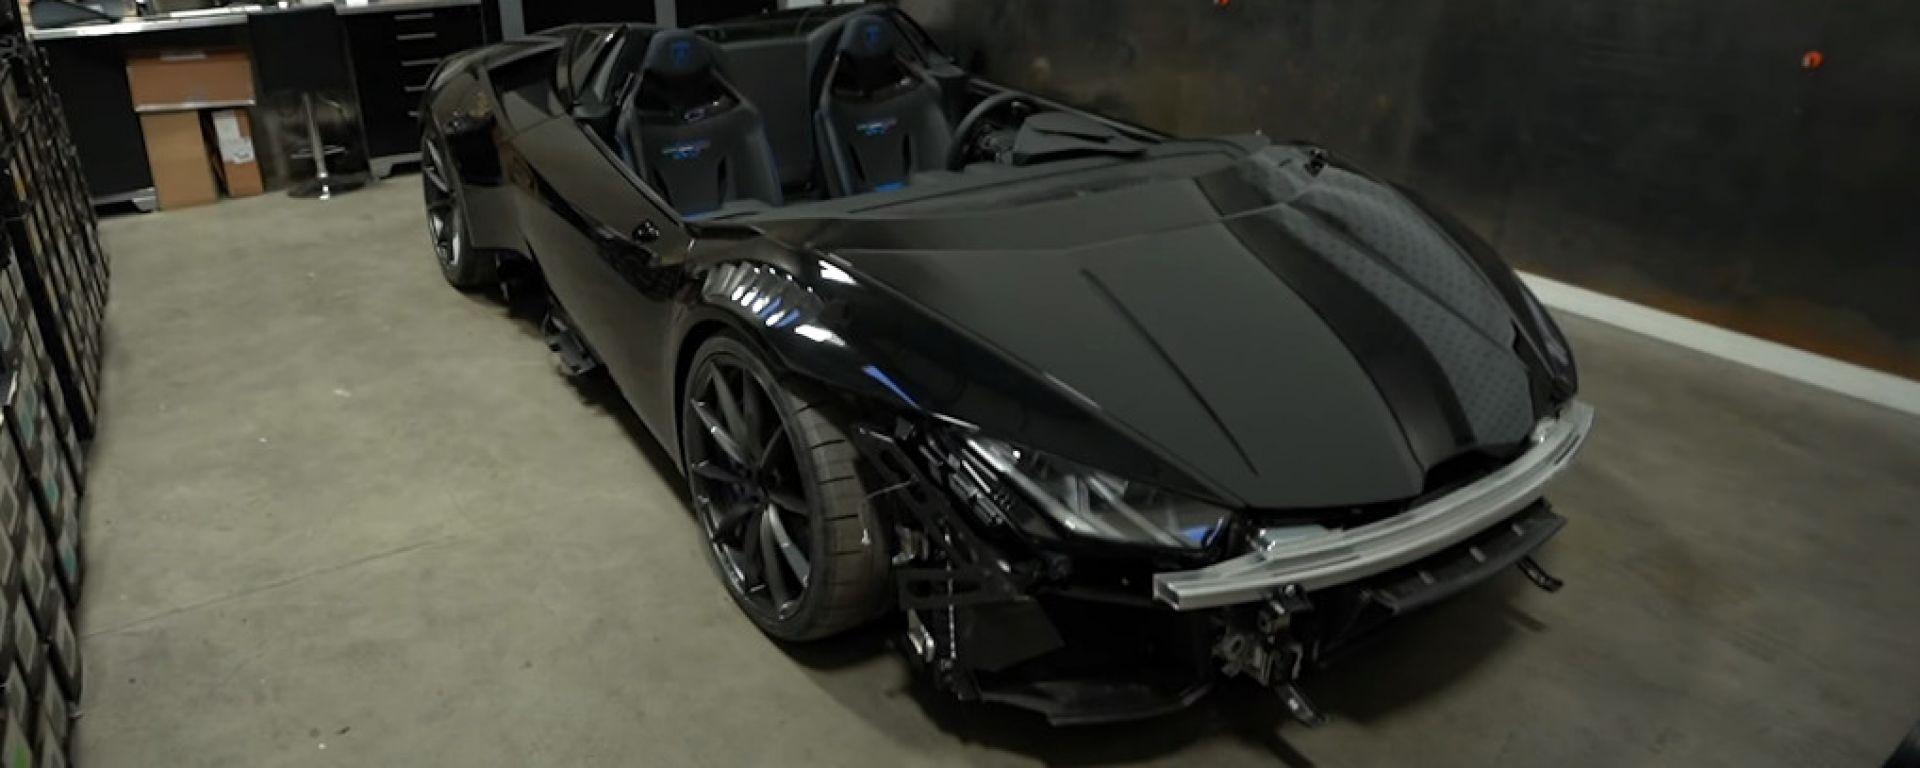 Lamborghini Huracan Evo RWD Aperta